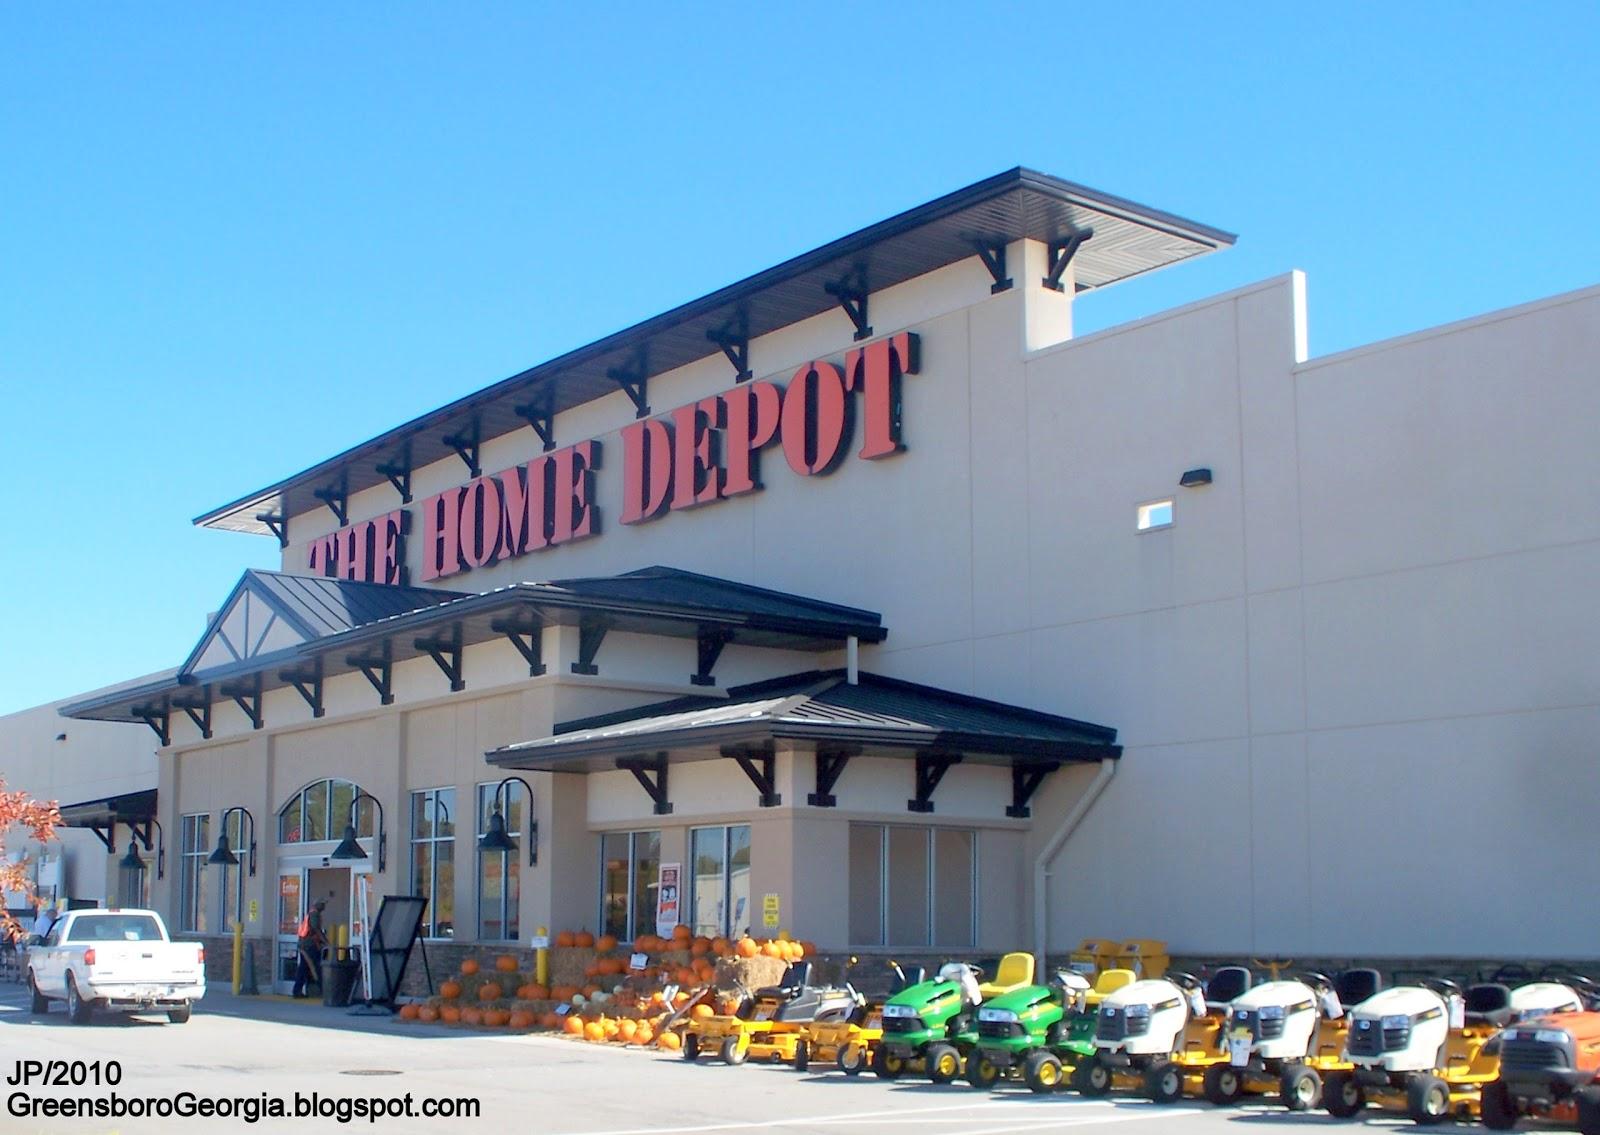 Georgia S Food Depot